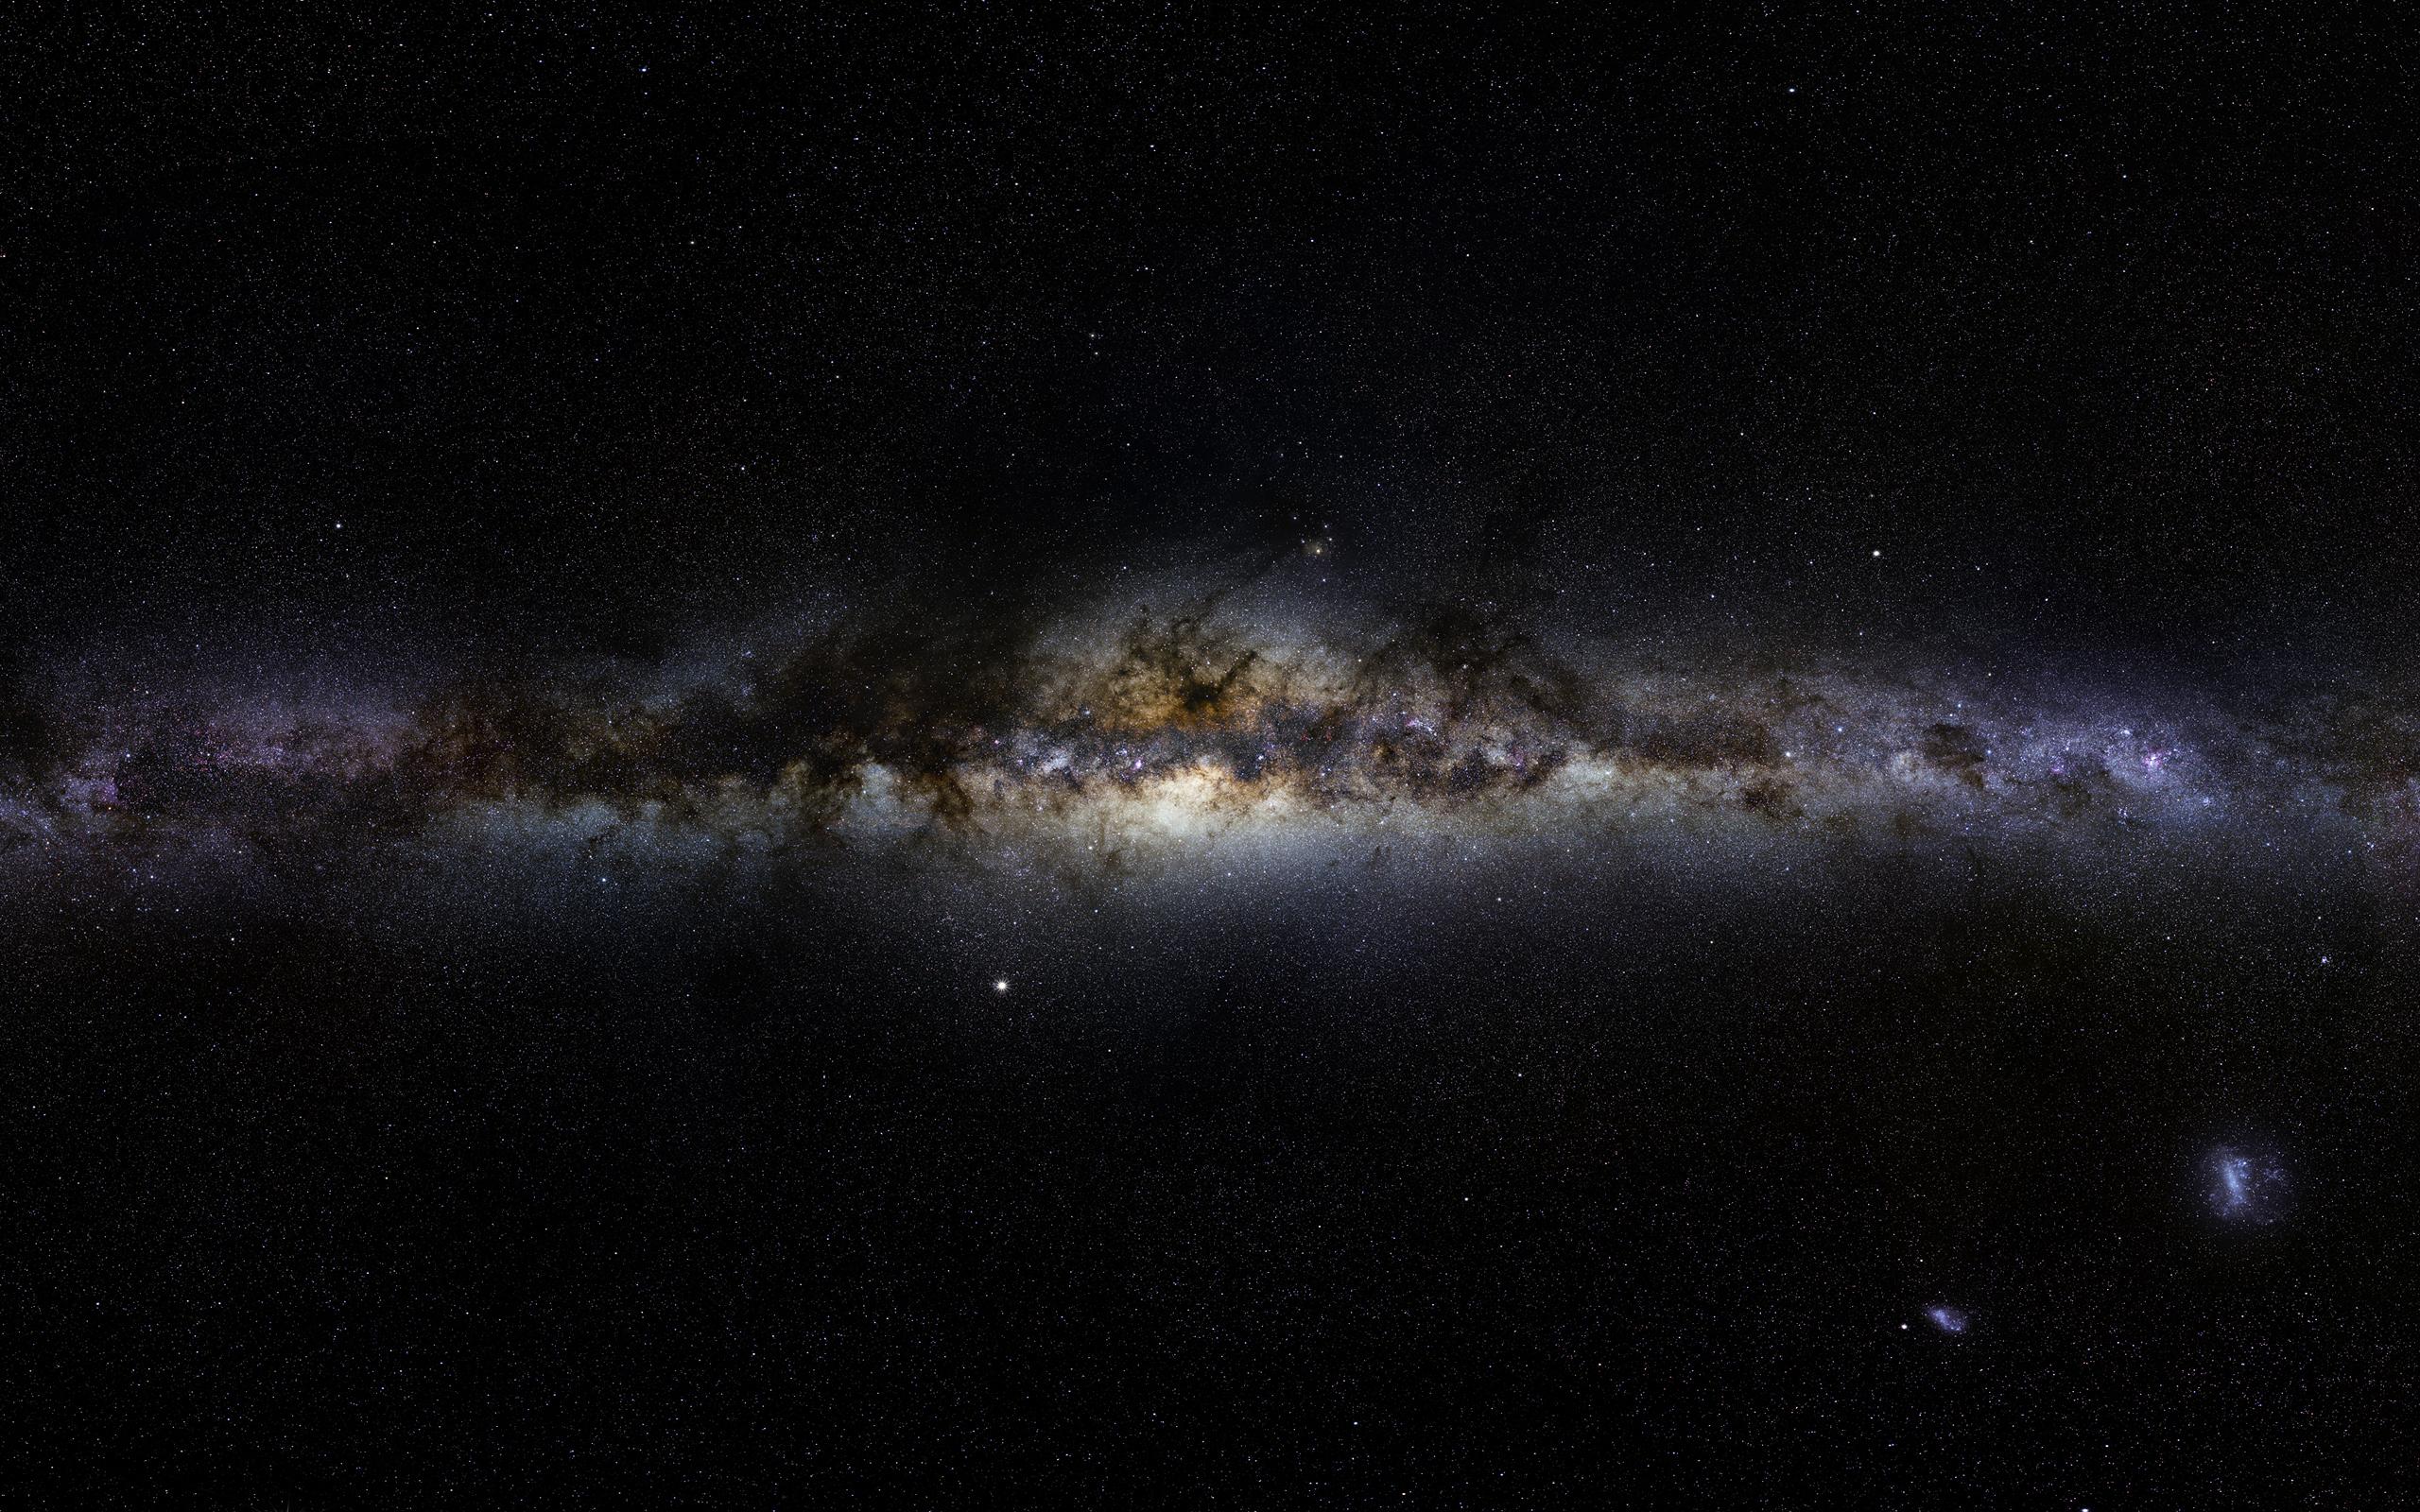 Milky Way Galaxy Wallpapers HD | PixelsTalk Net